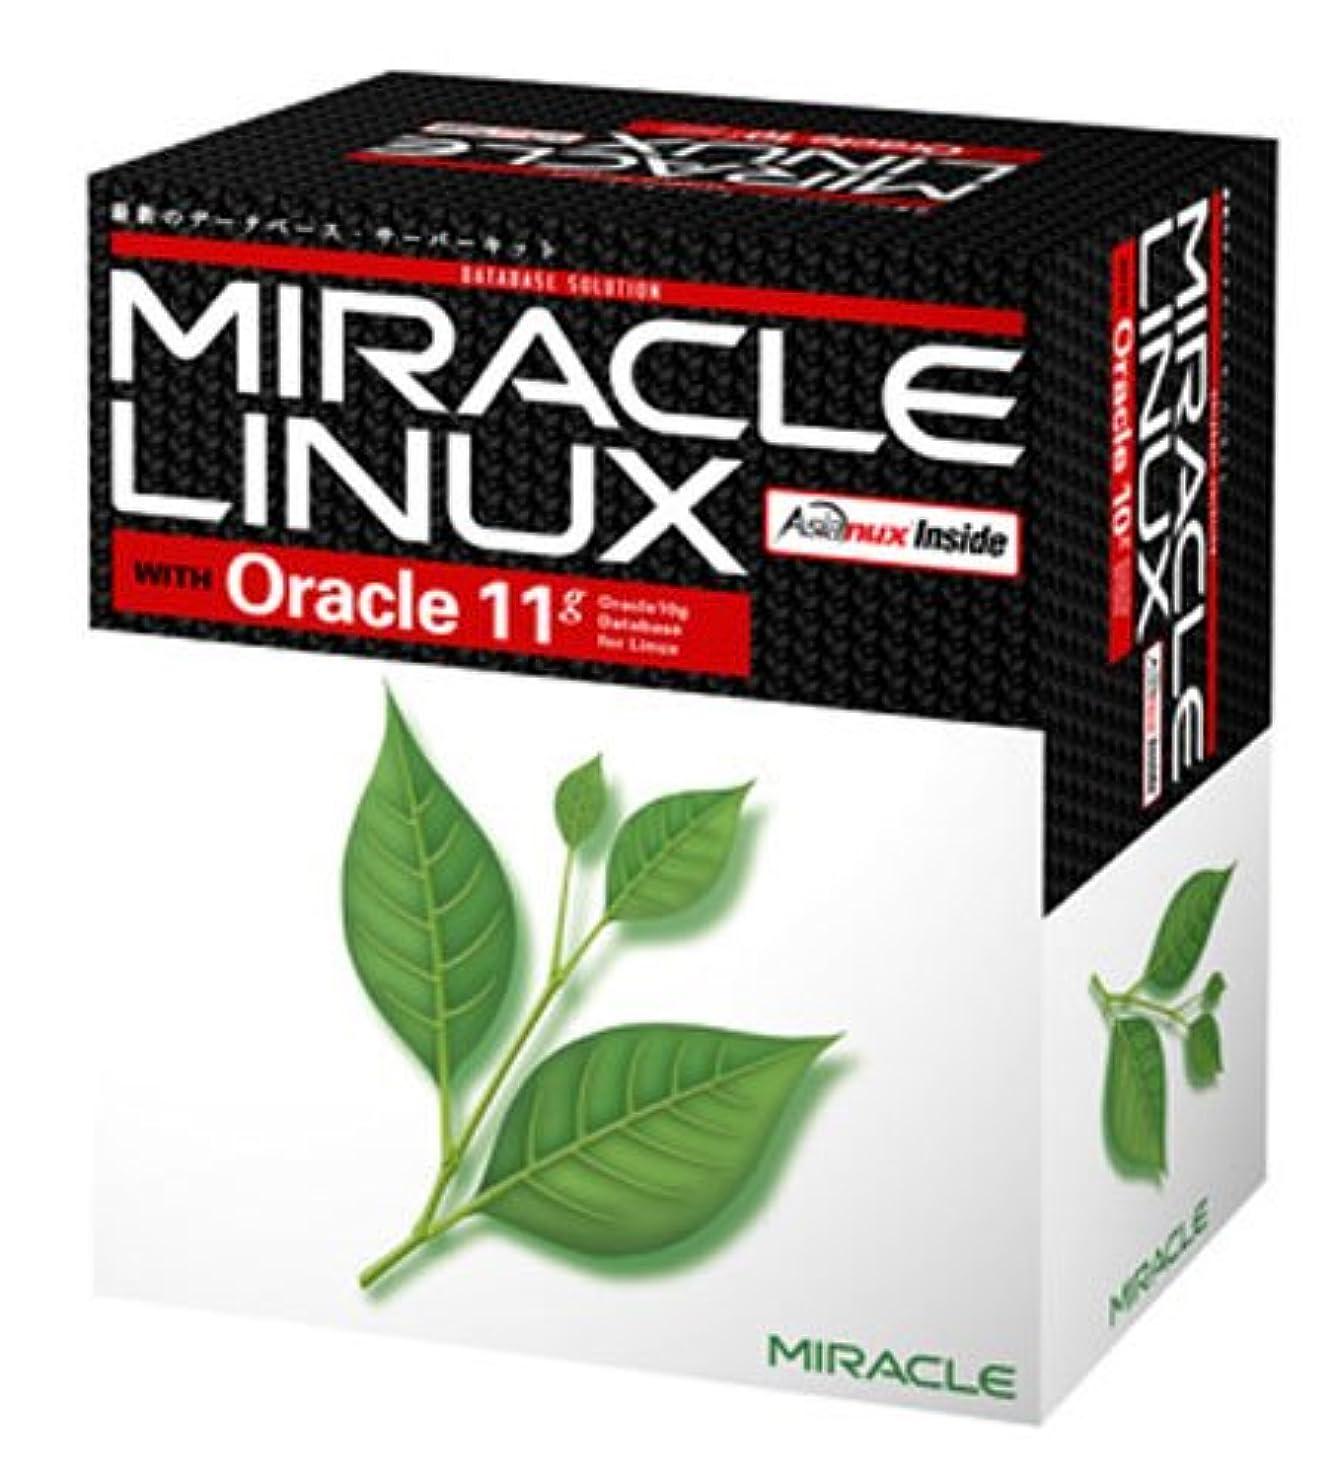 賄賂哺乳類ハイブリッドAsianux Server 3 ==MIRACLE LINUX V5 with Oracle Database 11g Standard Edition One(5NamedUserPlus)